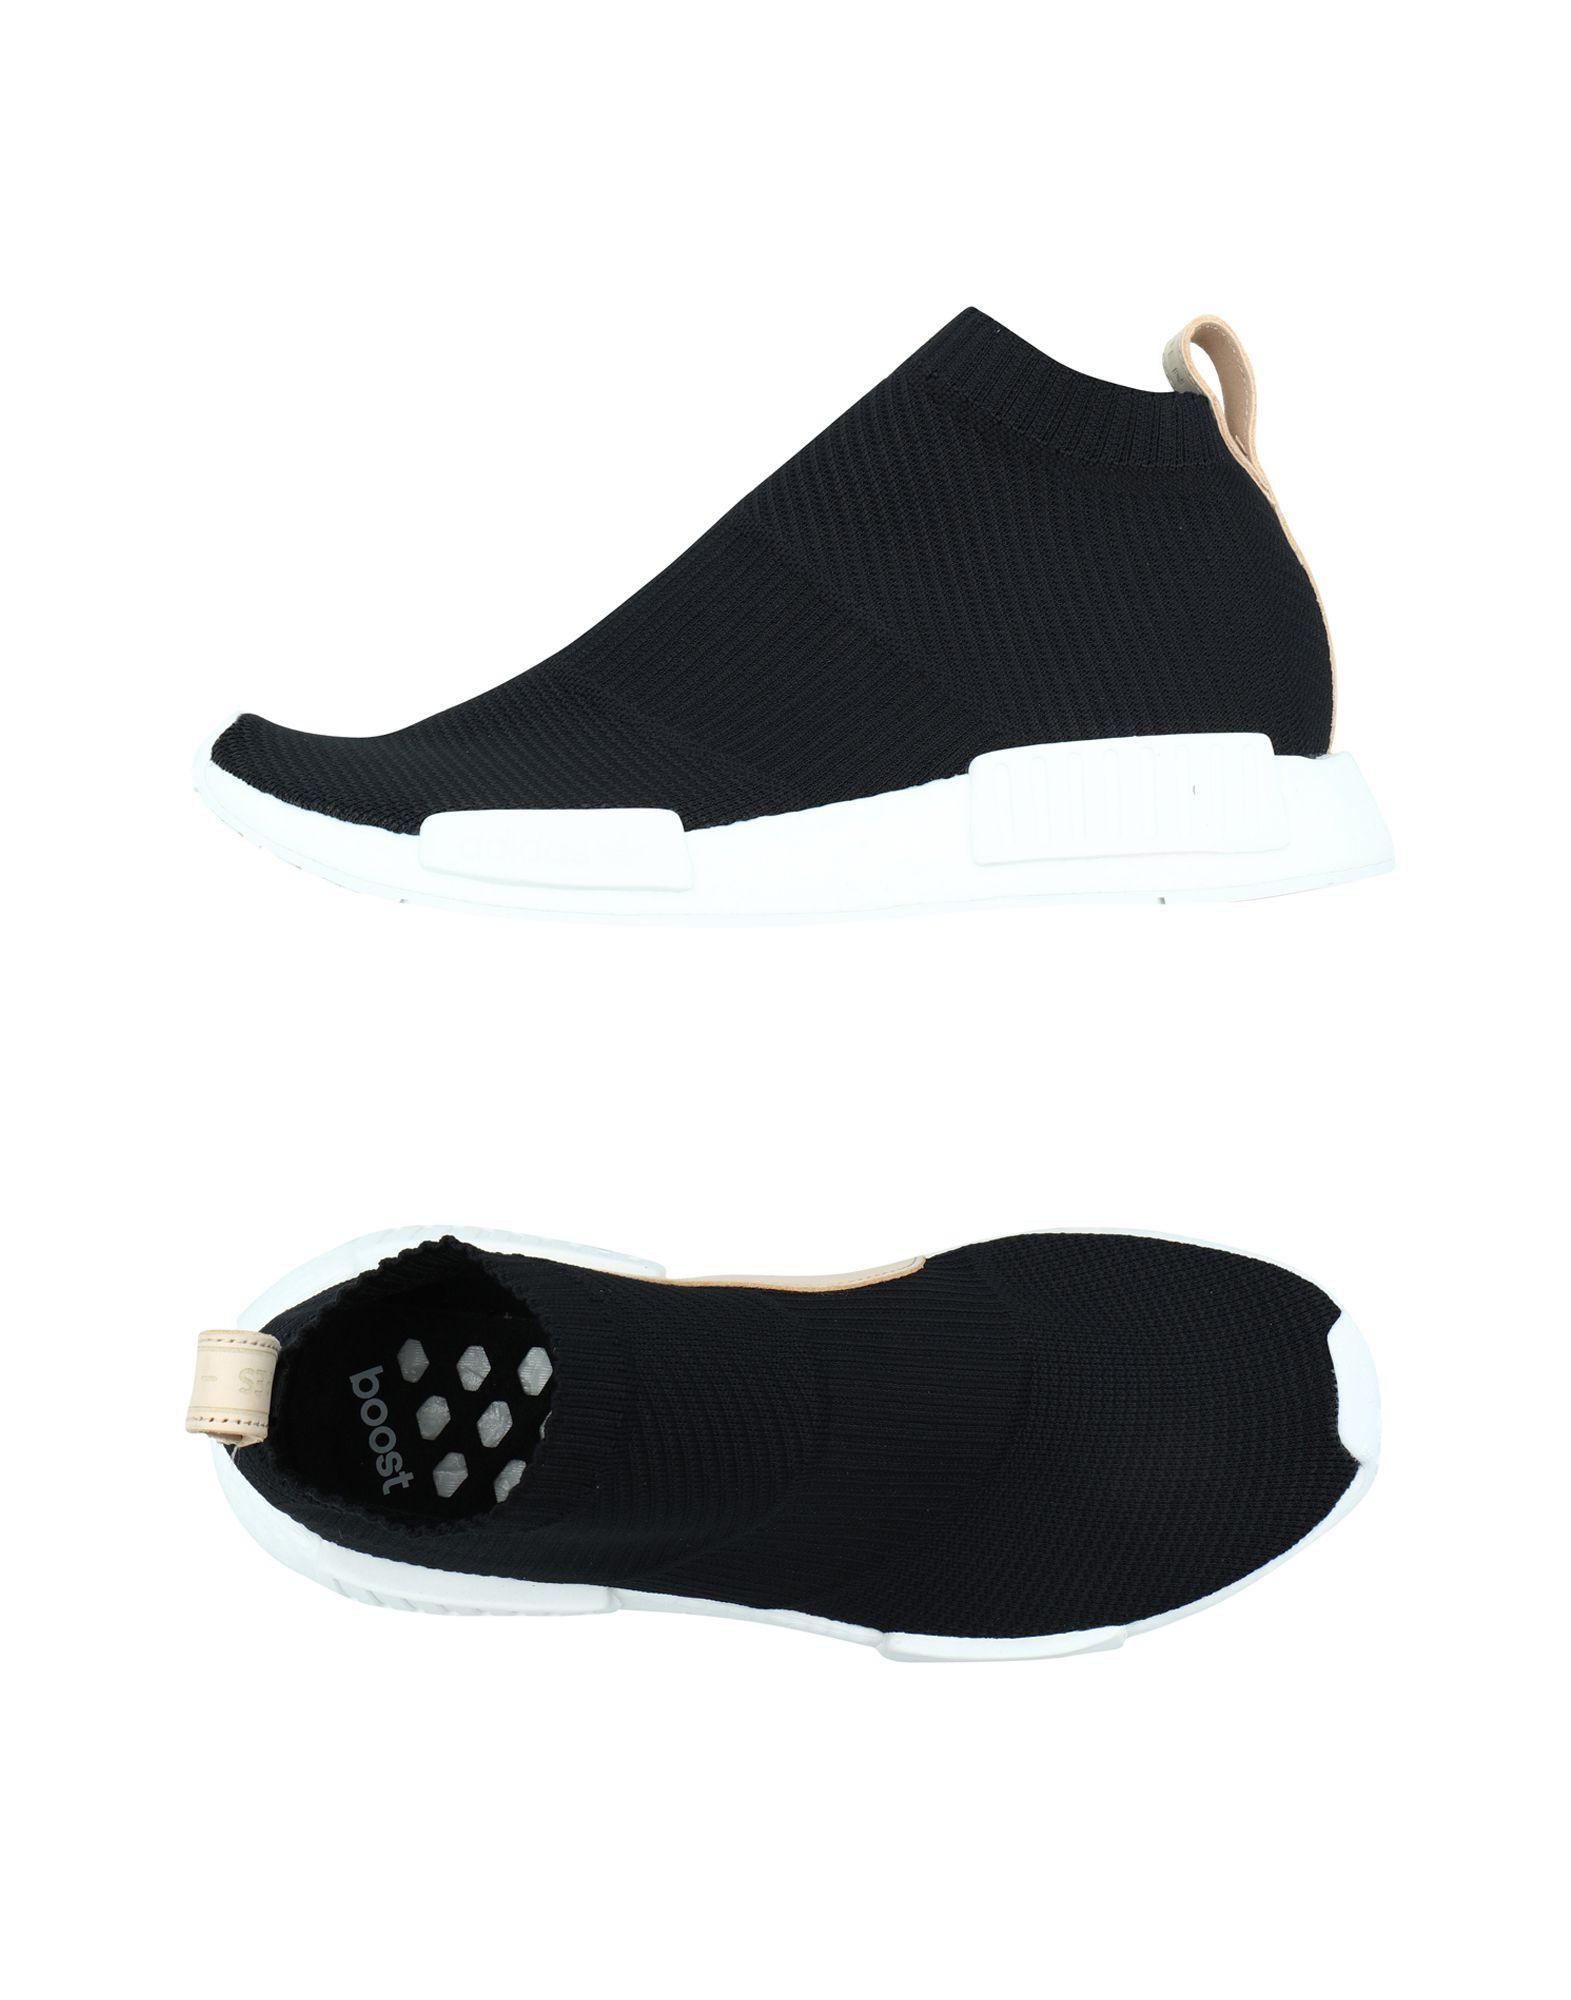 Adidas Originals Nmd_Cs1 Pk  11533593EG Gute Qualität beliebte Schuhe Schuhe beliebte 840933